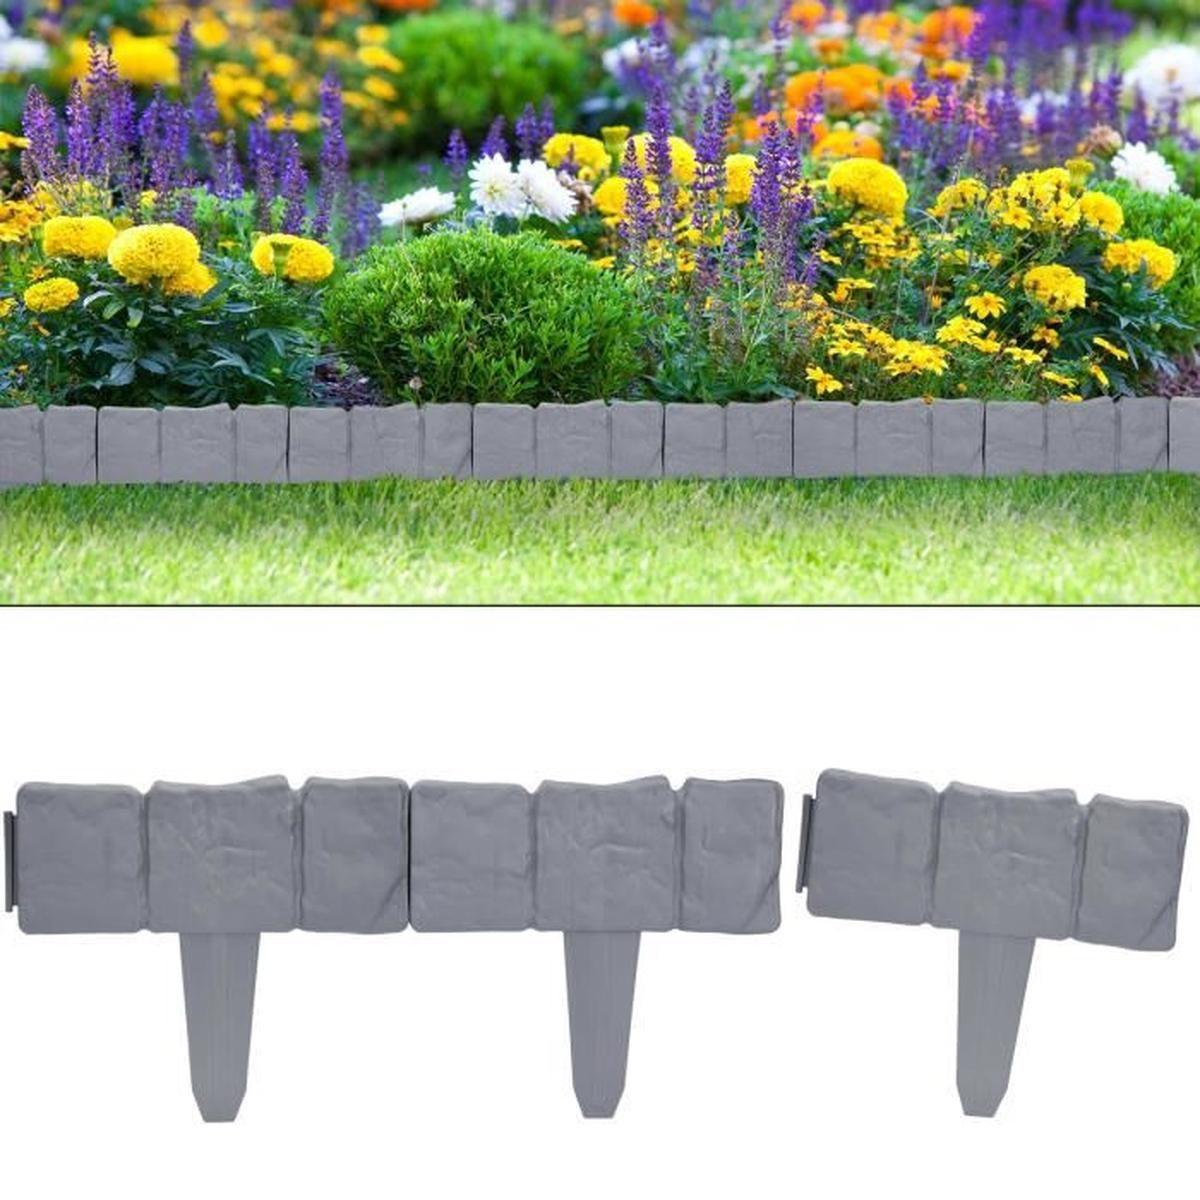 Set Bordure De Jardin, Rebord De Jardin - Aspect Granit 2X ... avec Bordure Jardin Pas Cher